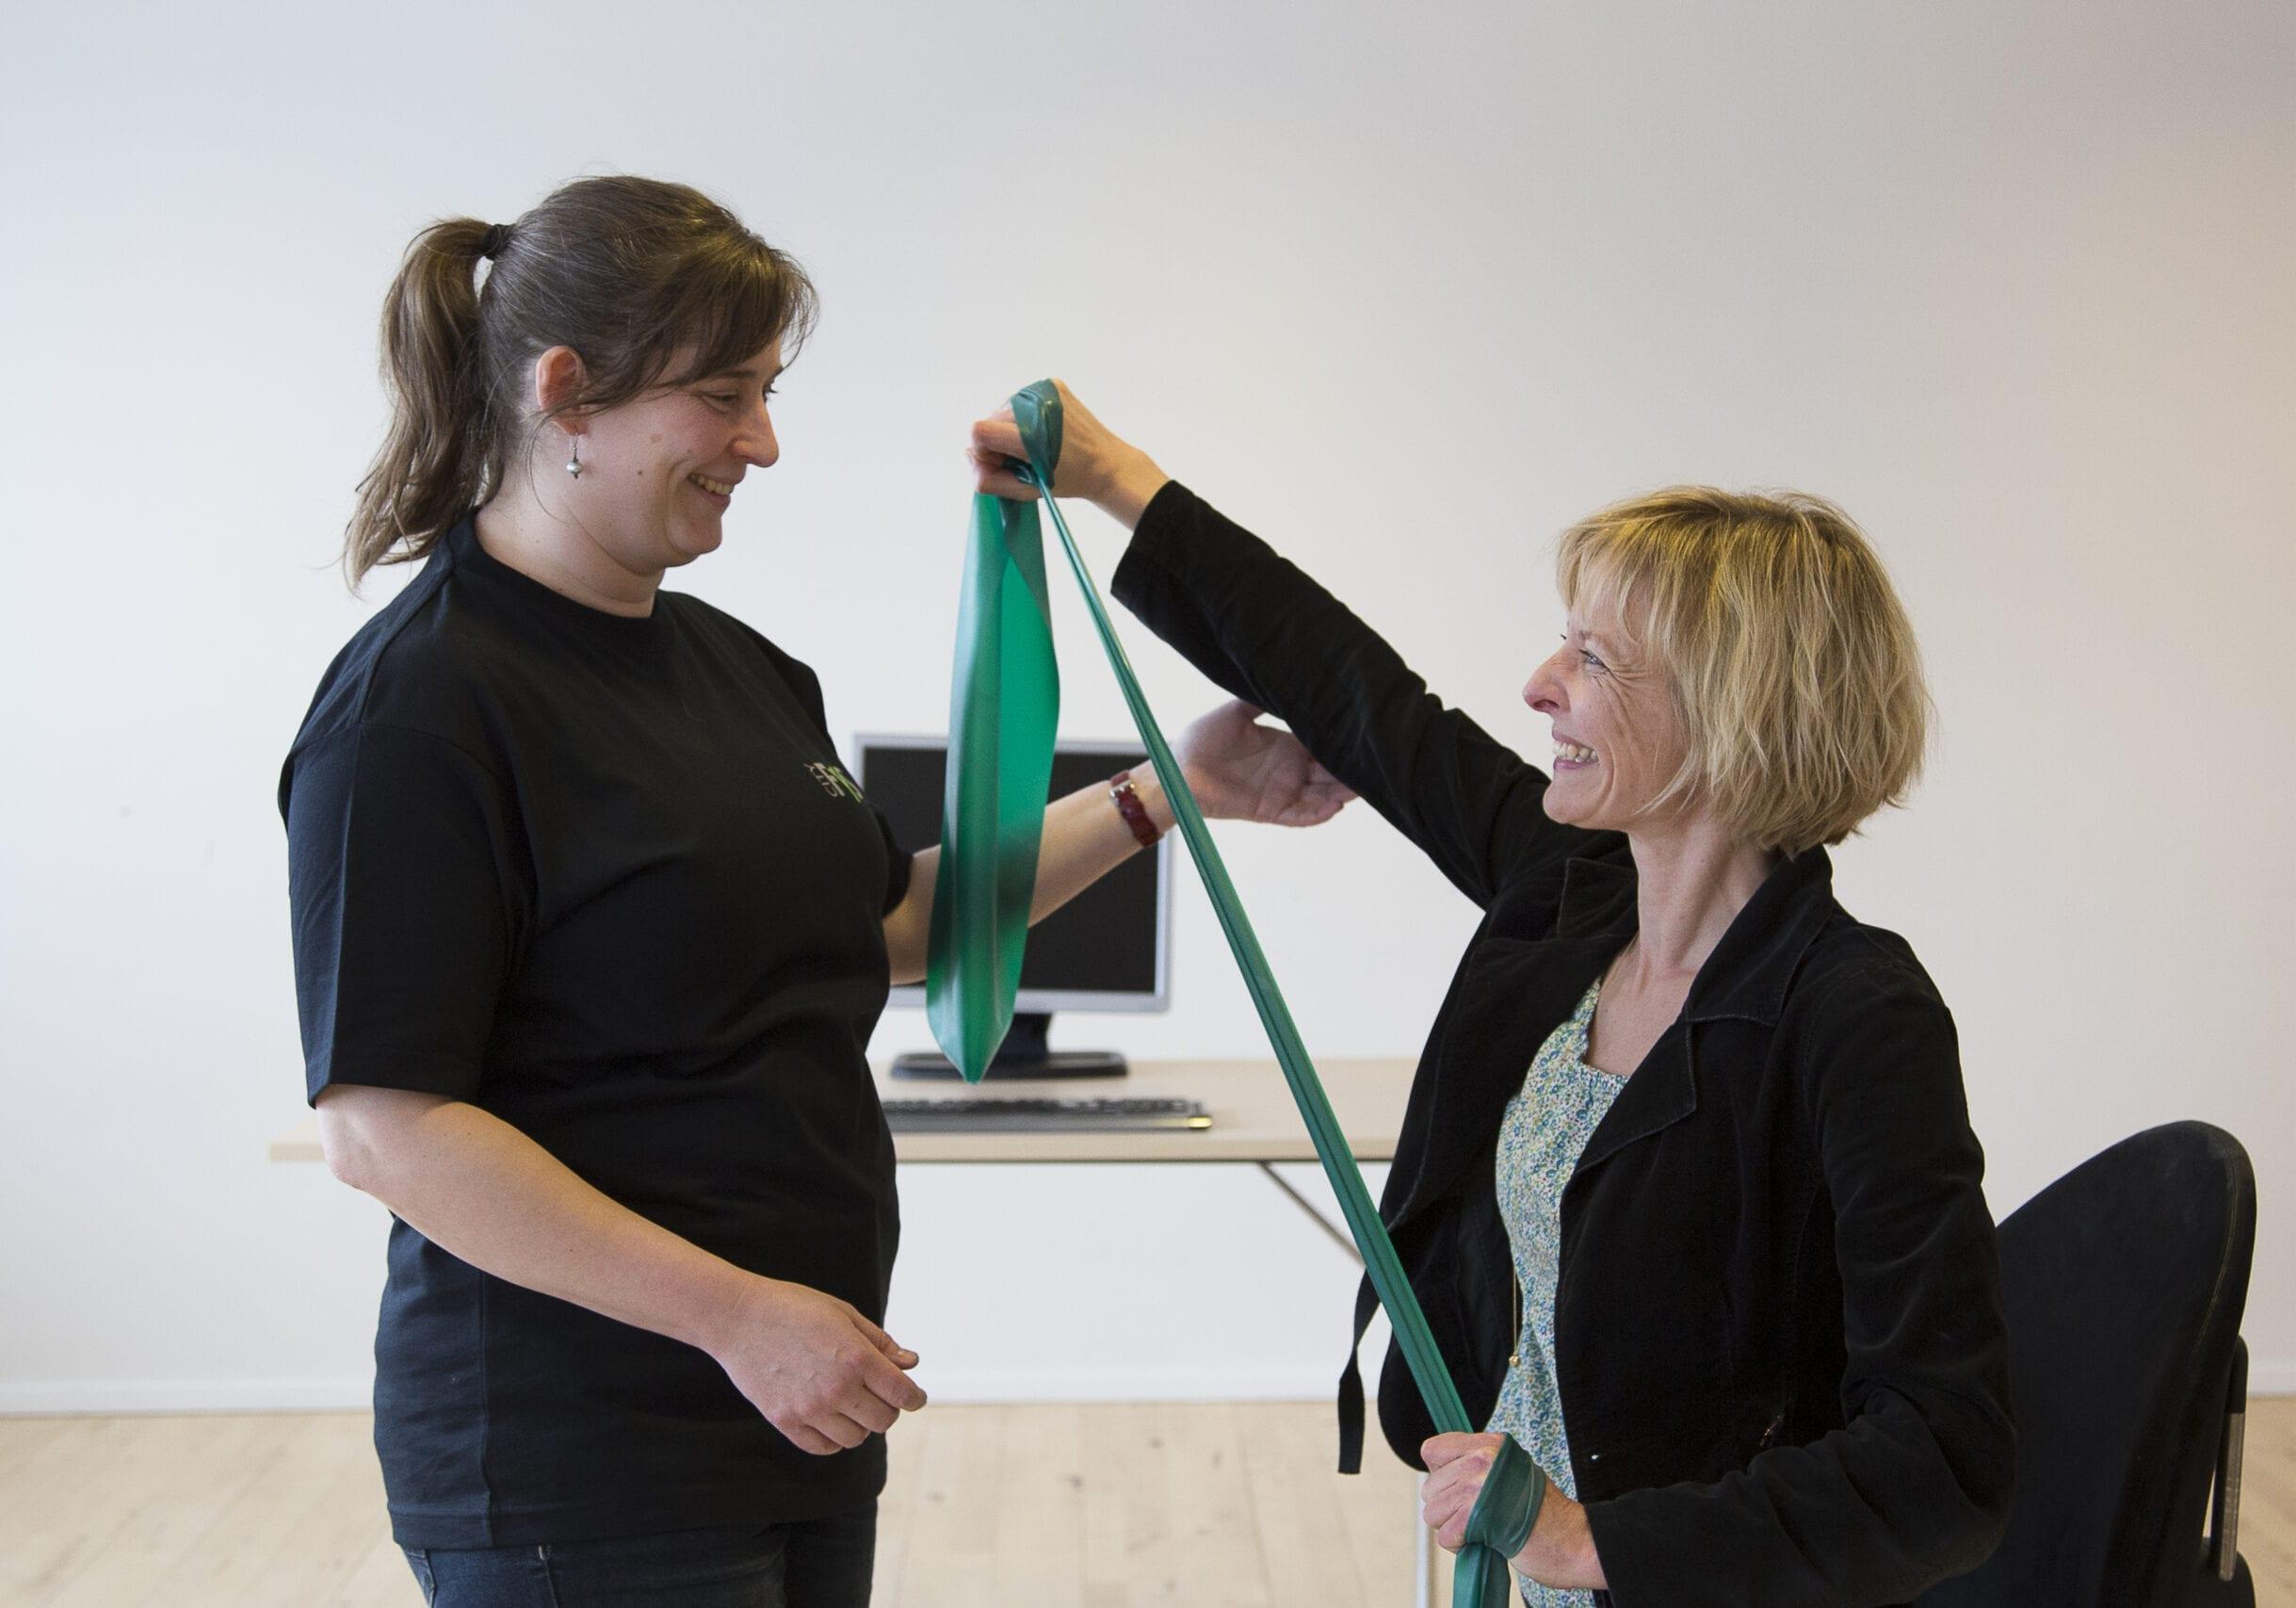 Konsulent viser øvelser med elastik